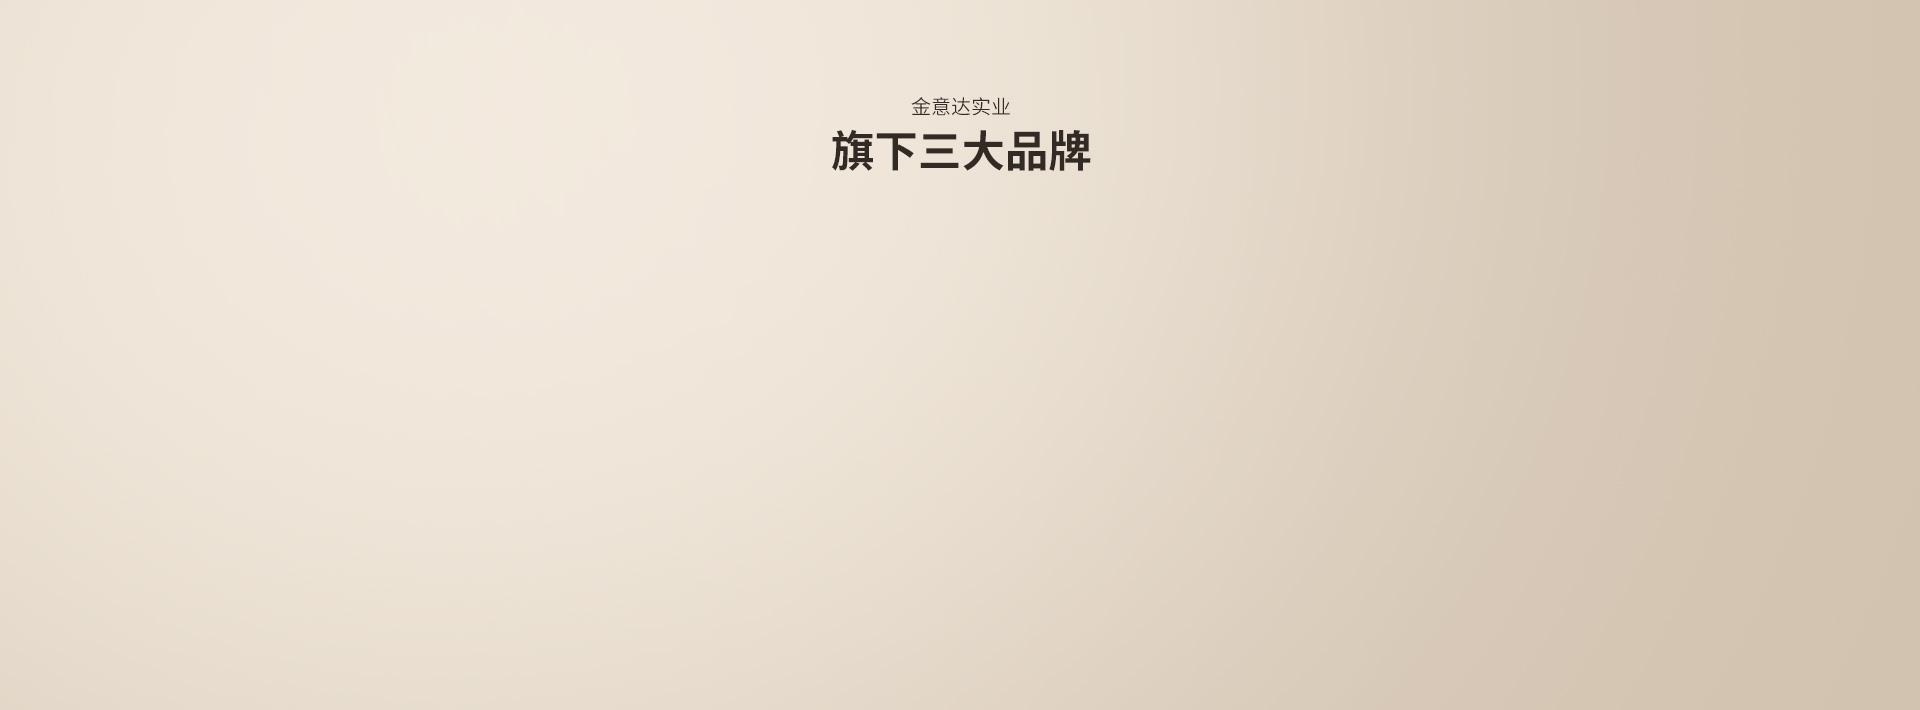 金意达实业 旗下三大品牌